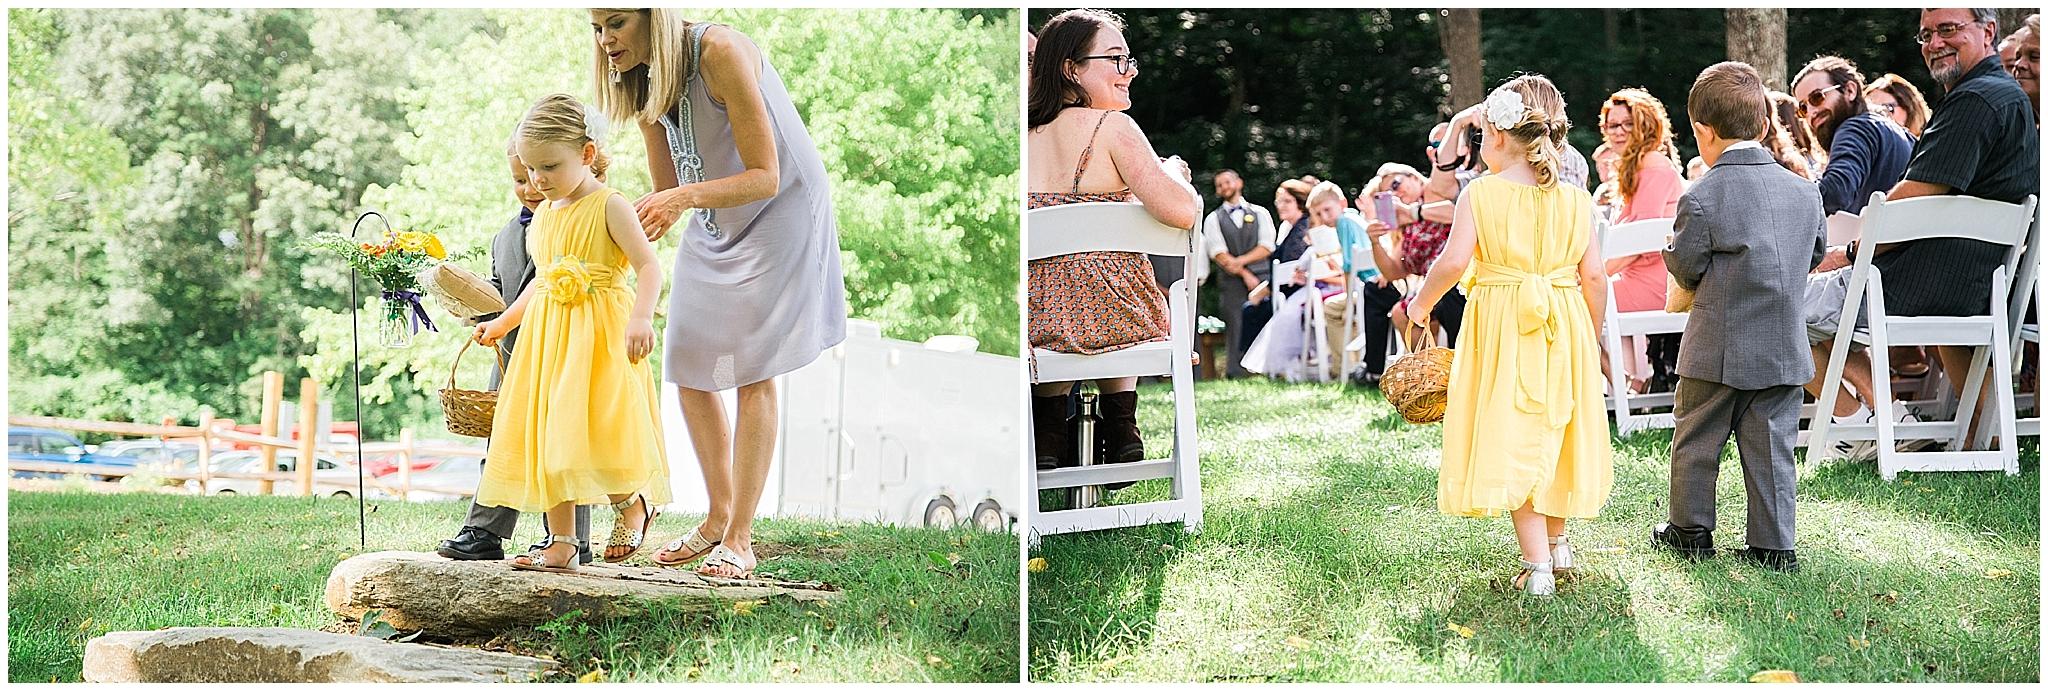 Asheville_Wedding_Photographer_JuneBug_Retro_Resort_0011.jpg